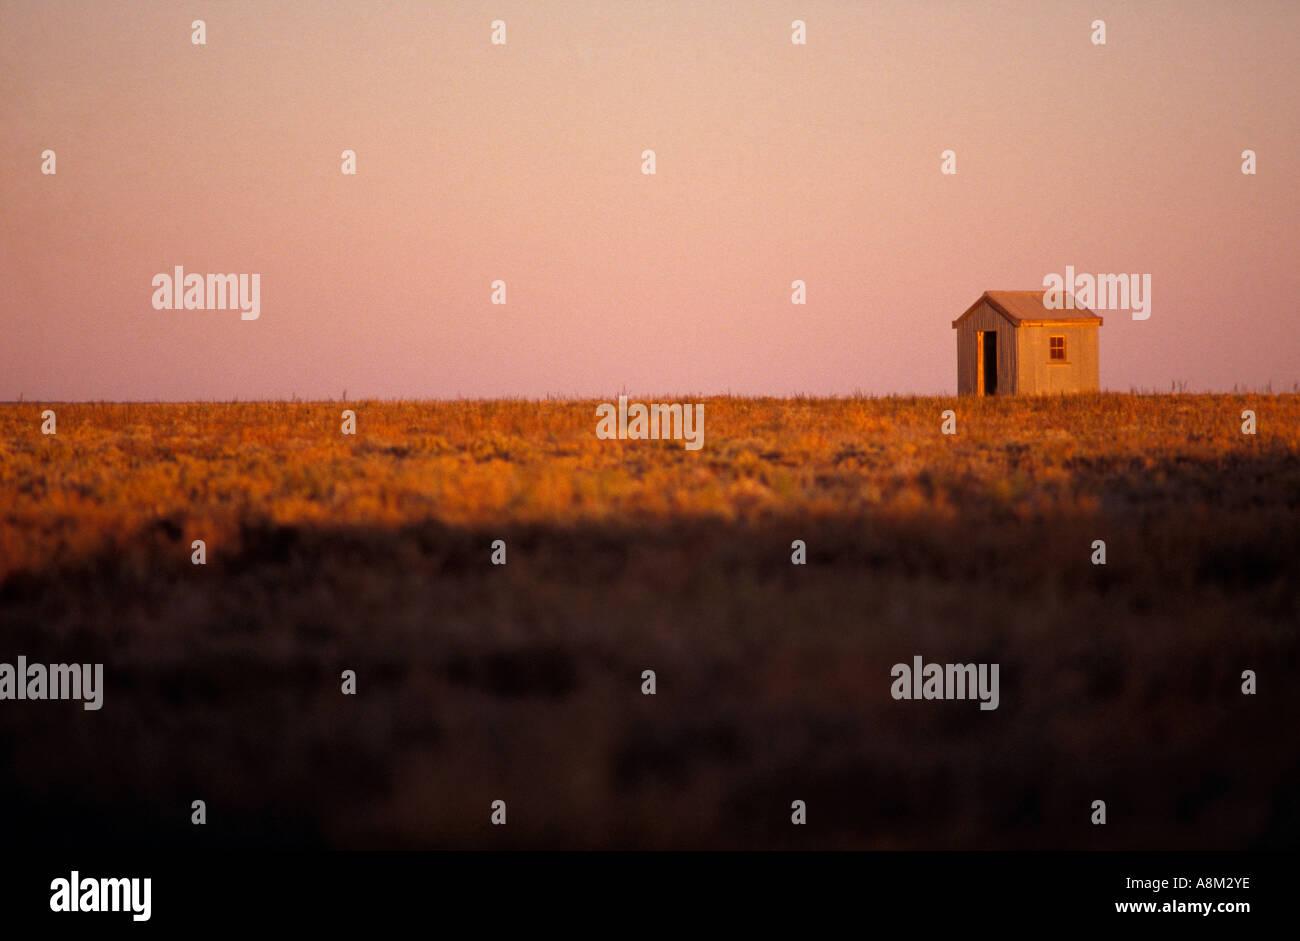 Verlassene Hütte Outback Australien Stockfoto